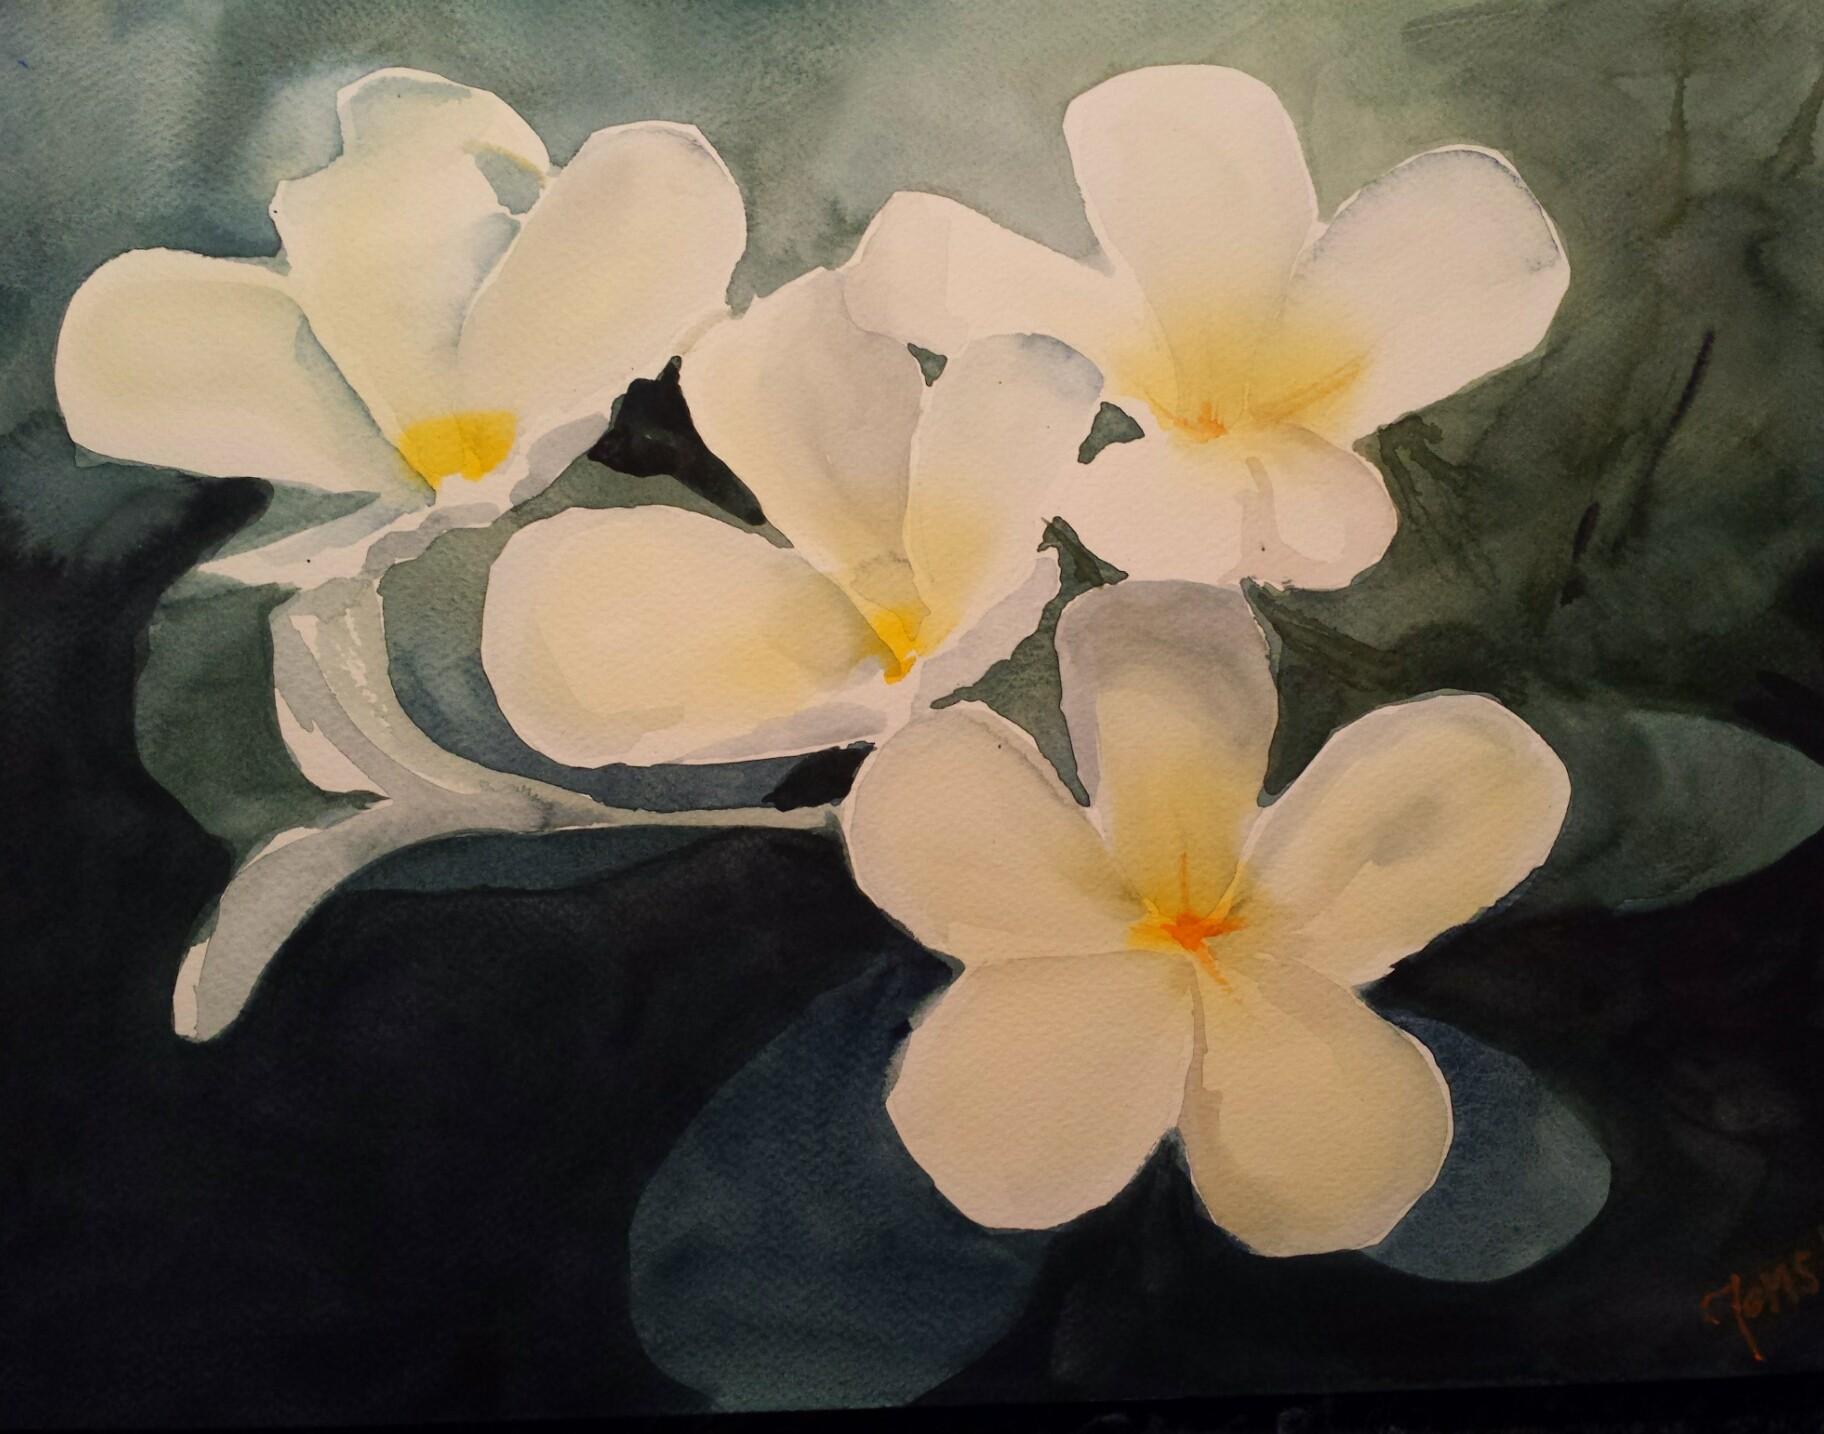 White Plumeria Frangipani flowers